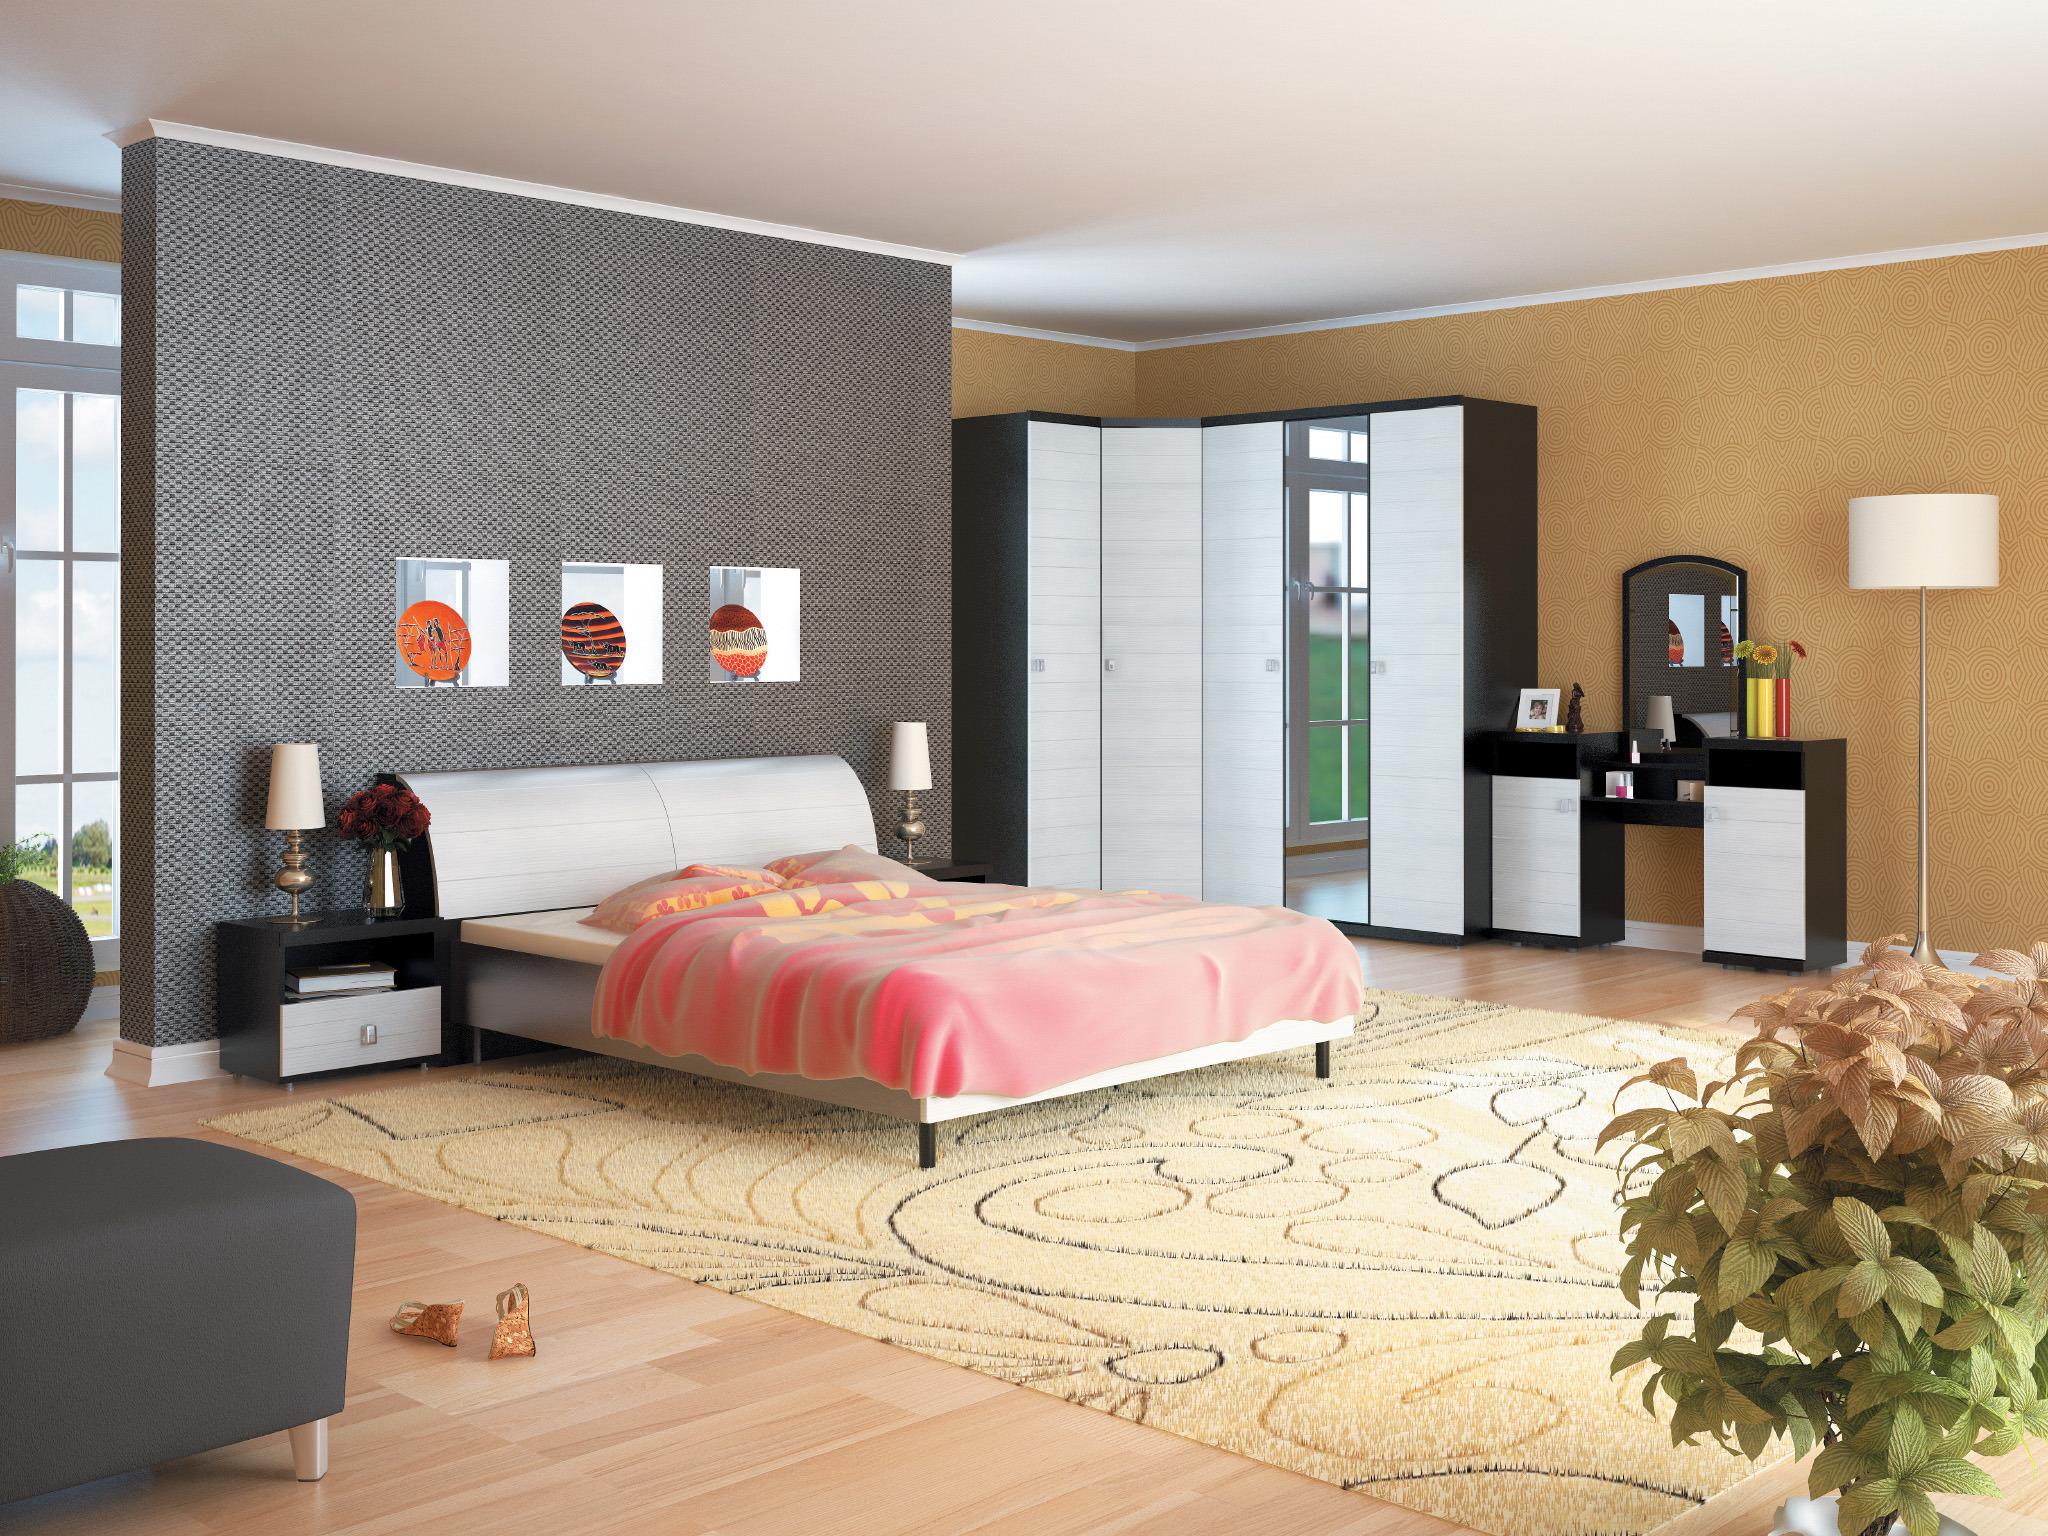 Гретта Онденс Спальня Набор 2Готовые комплекты<br>Спальня  Гретта Онденс  выполнена в ультрасовременном и функциональном дизайне.<br><br>Длина мм: 0<br>Высота мм: 0<br>Глубина мм: 0<br>Материал: ЛДСП<br>Основание для матраса: Нет